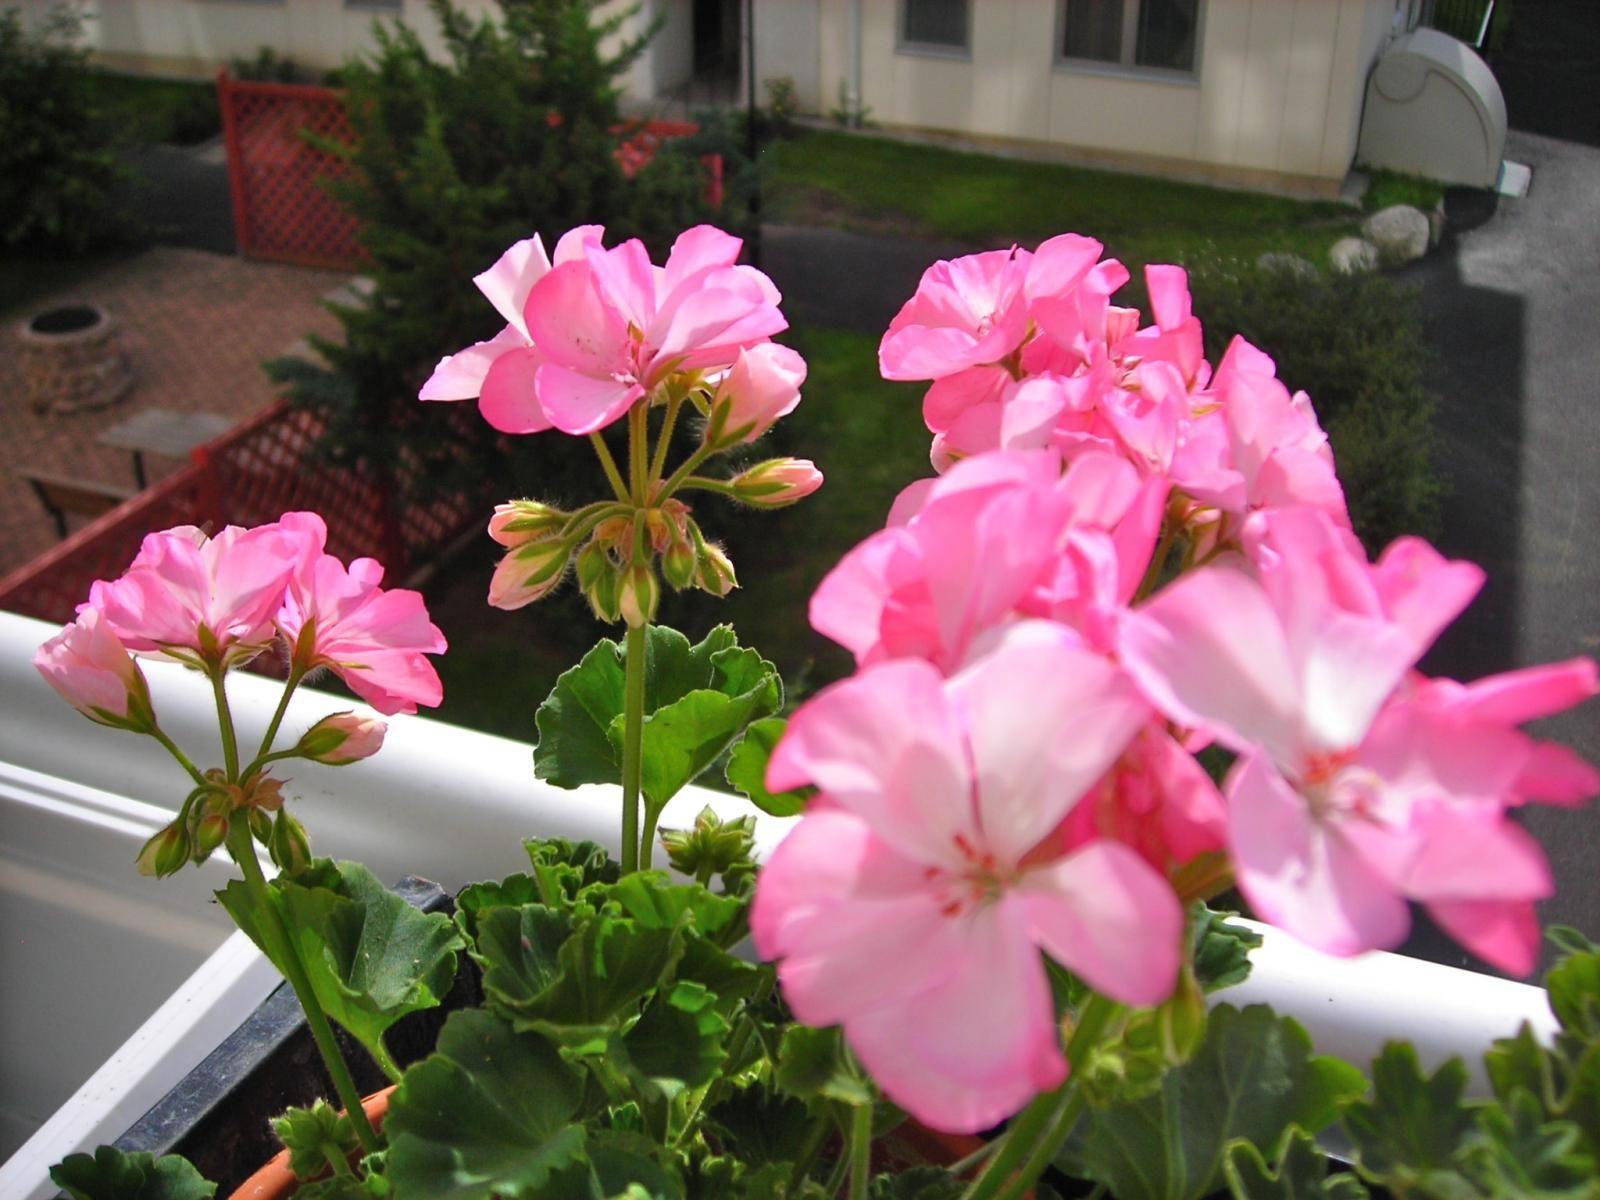 imagenes de plantas con flores wallpaper hd 4 en hd